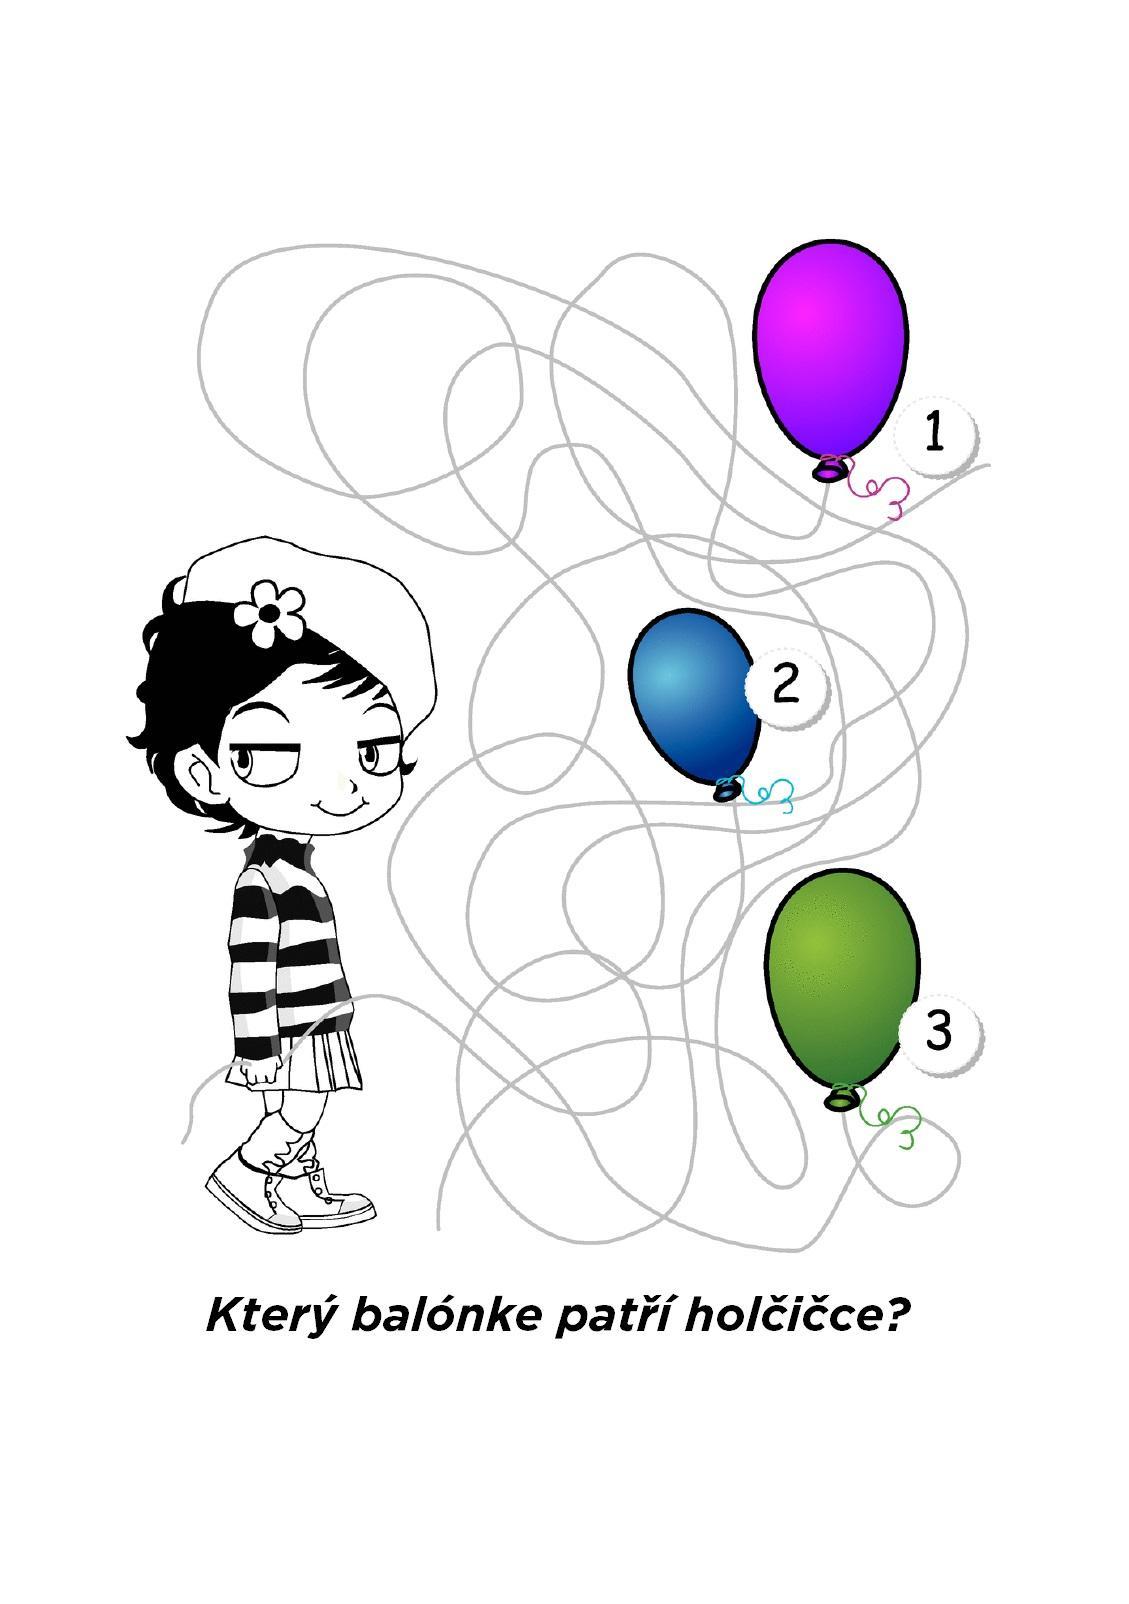 Balonky Navody Pro Tvoreni Promaminky Cz